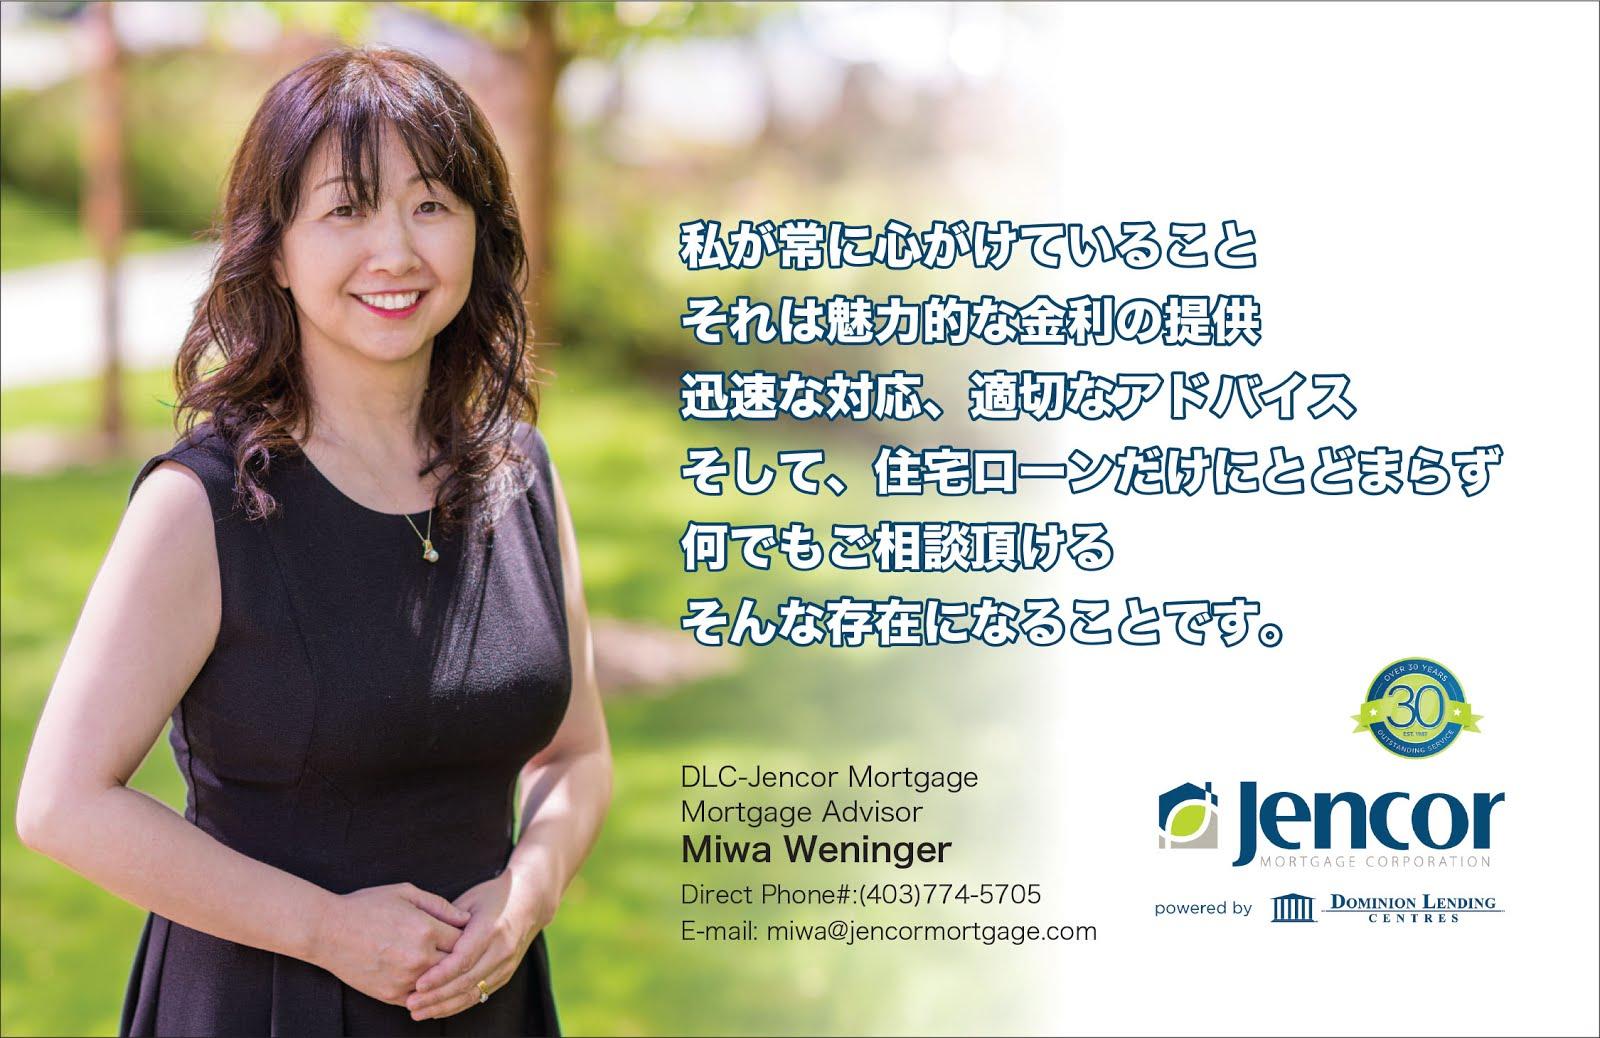 Jencor Miwa Weninger